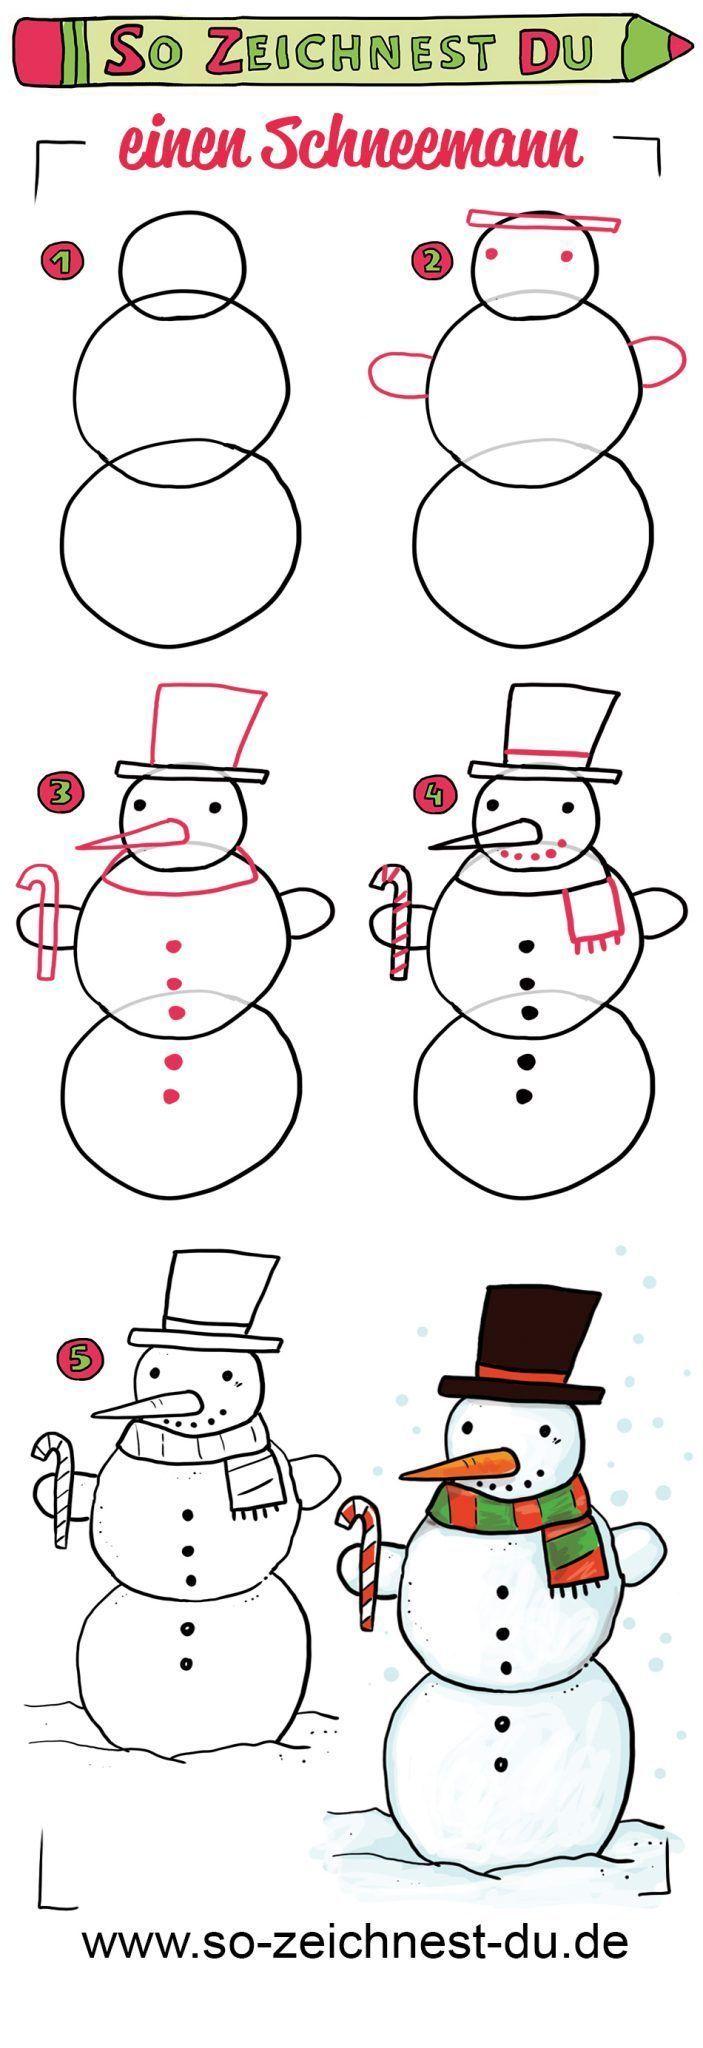 Schneemann Zeichnen Steinebemalenanleitung Falls Bei Dir Gerade Kein Schnee Ist Bei Dir Falls Gerade Ist Ke In 2020 Zeichnen Schneemann Weihnachten Zeichnen